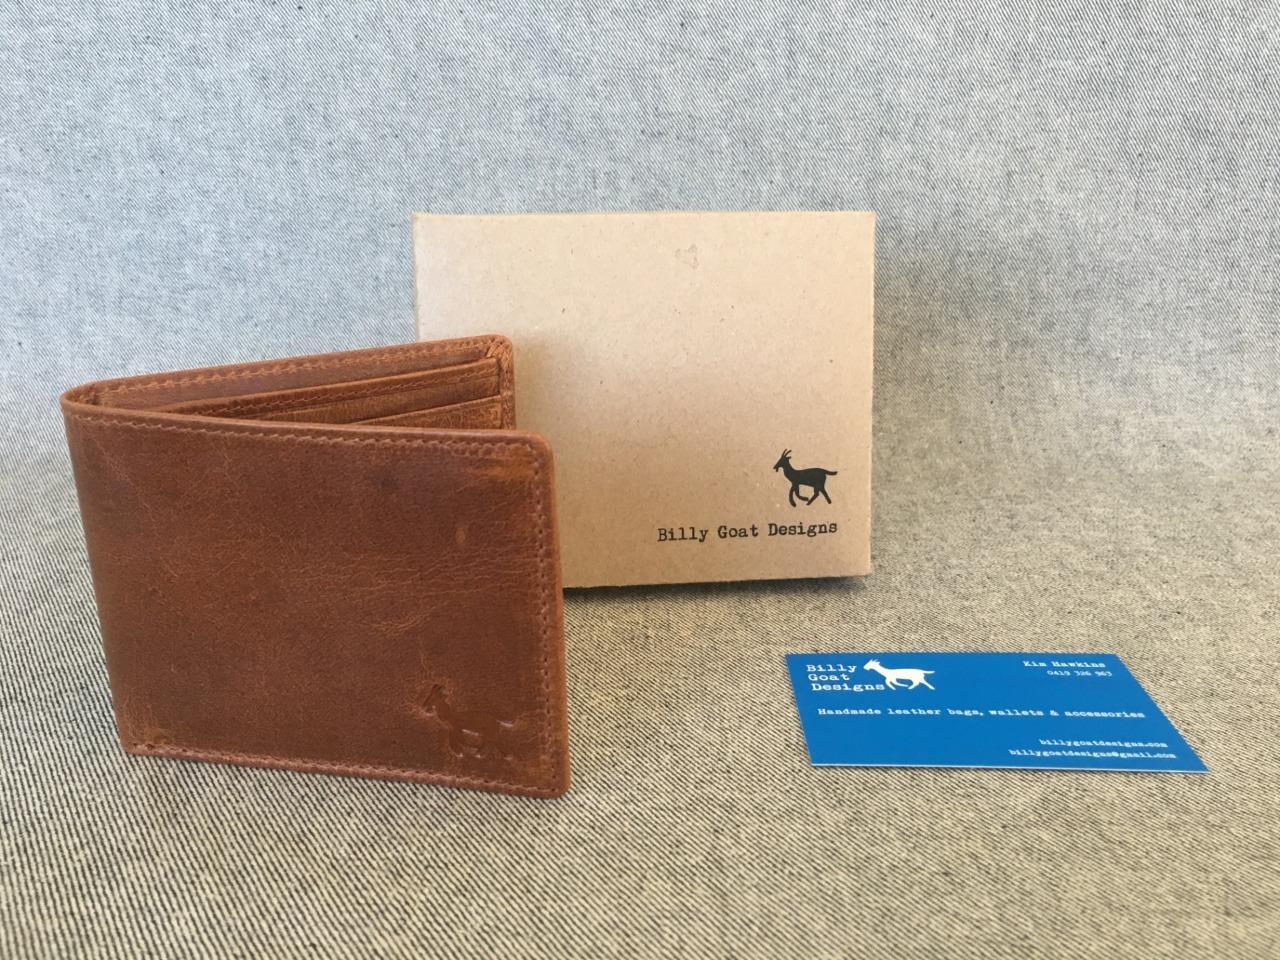 NEW-Waxed-Buffalo-Leather-Bifold-W2A-Wallet-men-card-Men-039-s-Billy-Goat-Designs